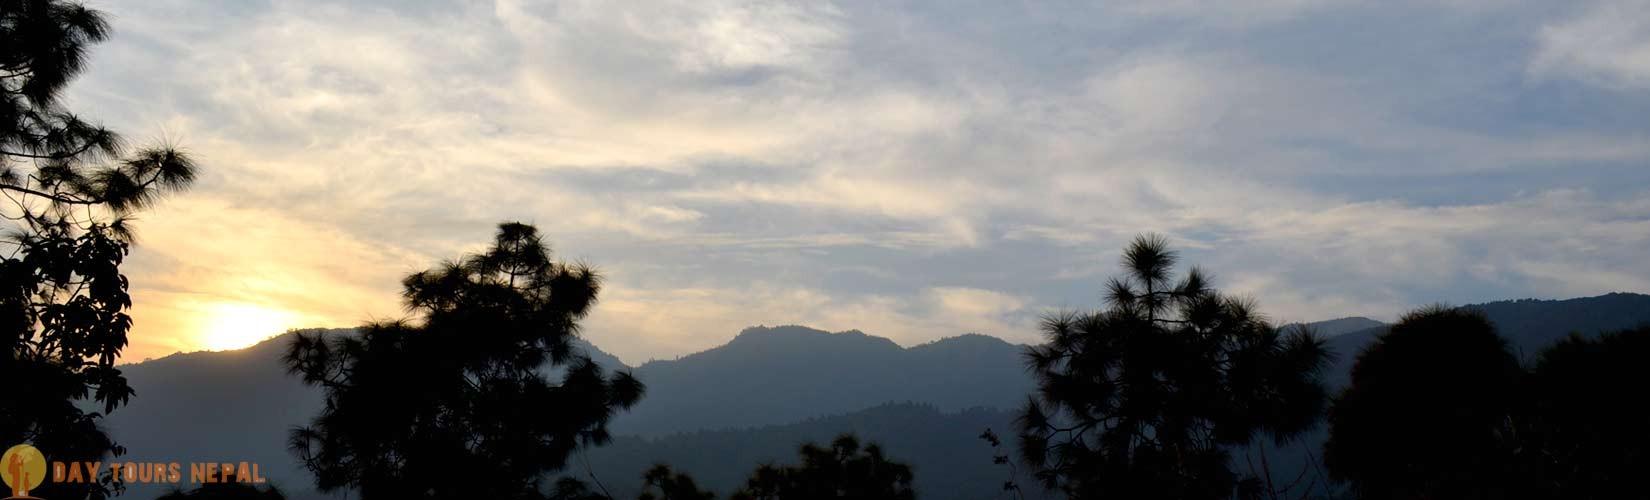 Champa Devi Hiking Day Tours Nepal